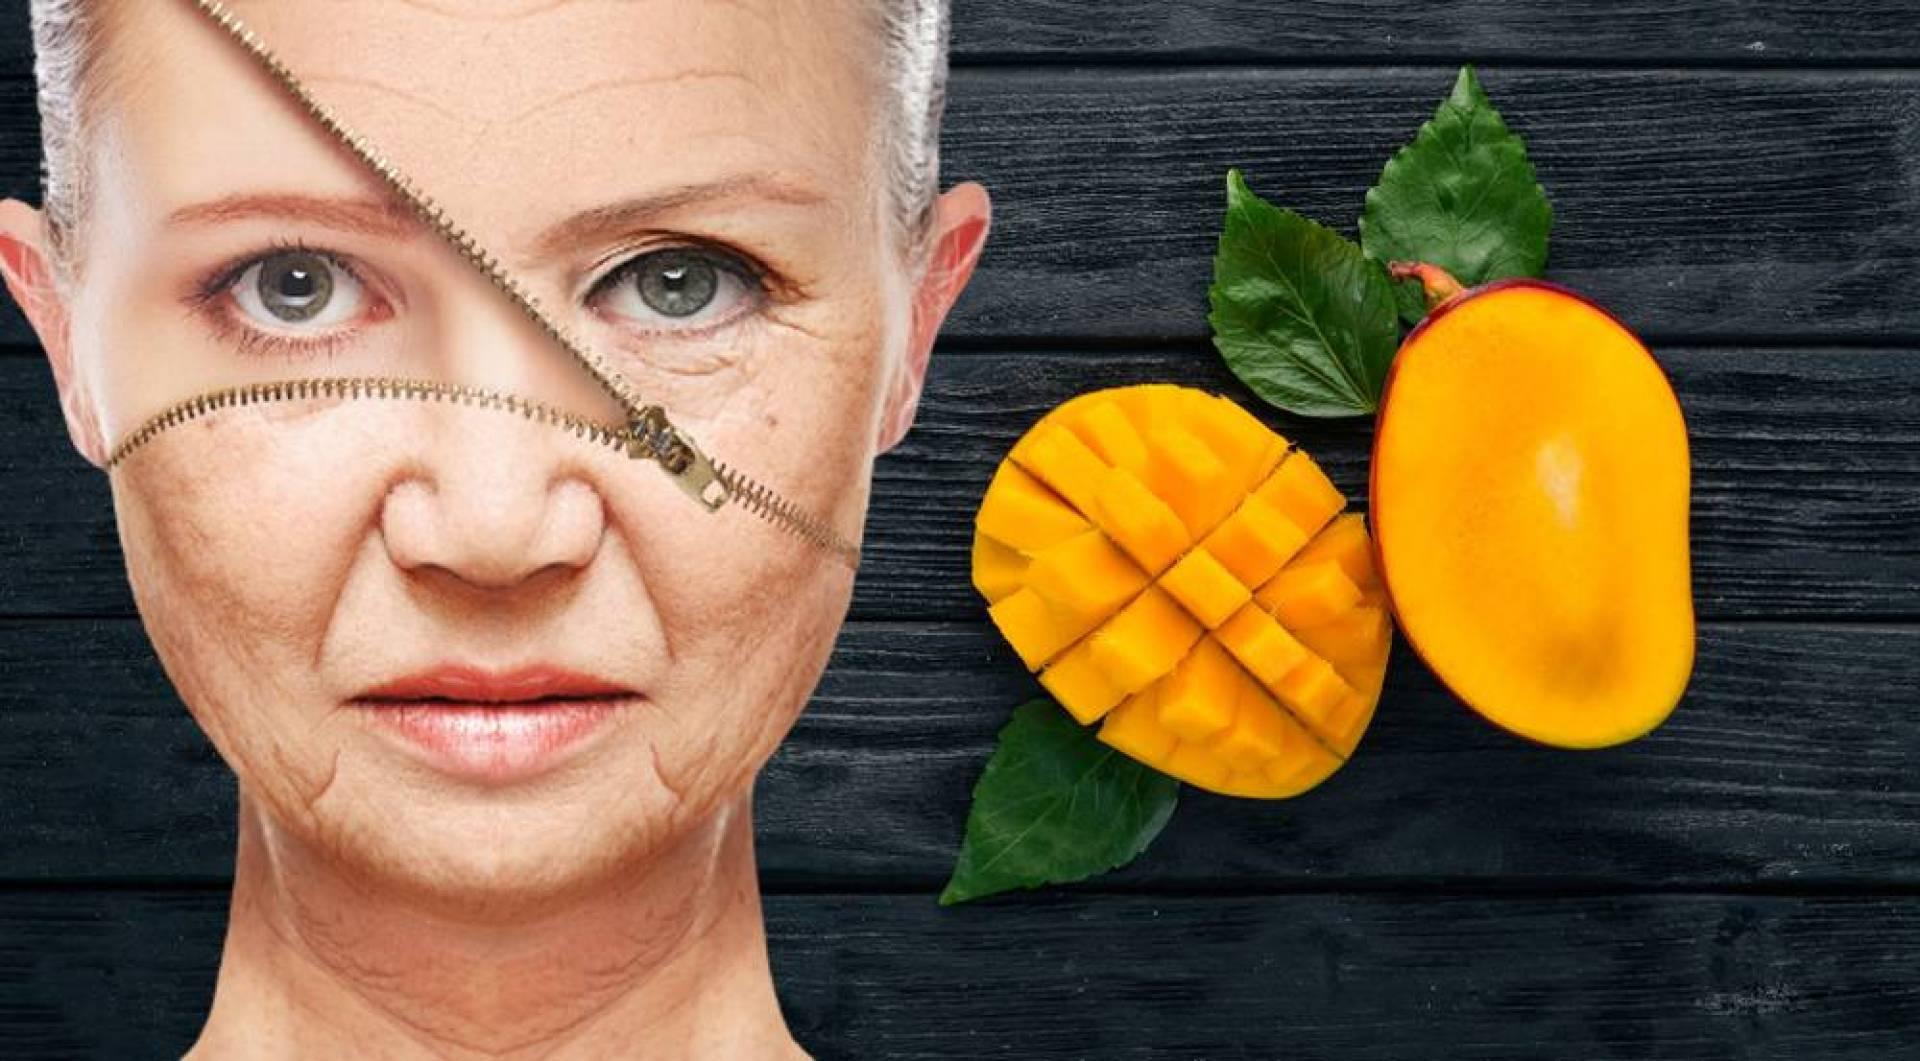 دراسة حديثة: المانجو تقلل تجاعيد الوجه لدى المرأة